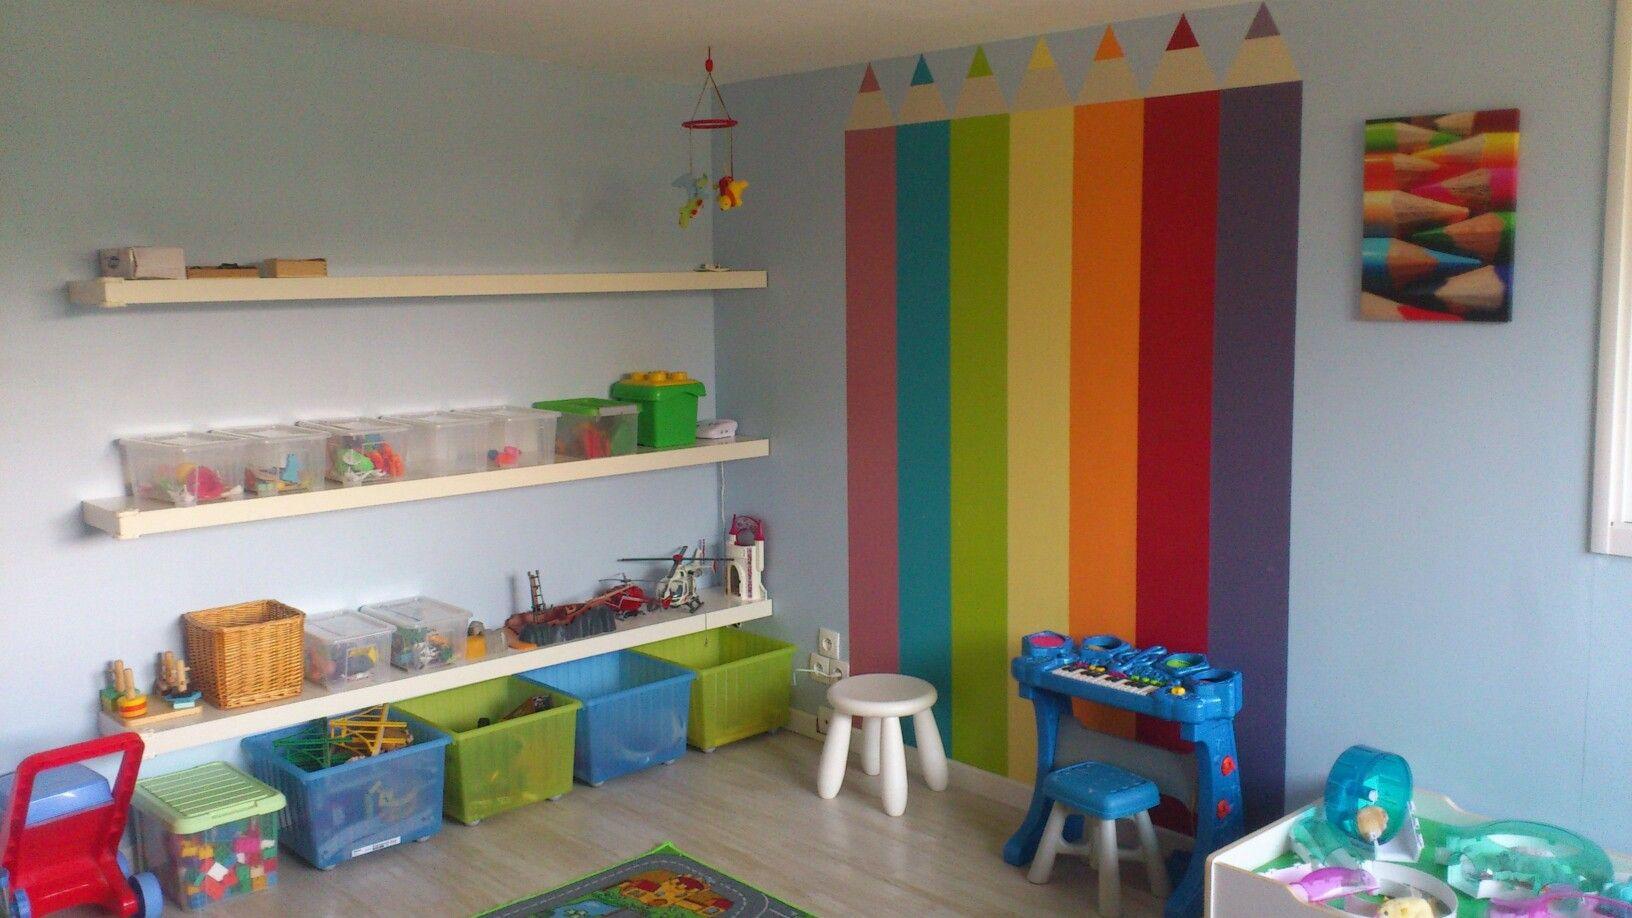 salle de jeux salle de jeux pinterest. Black Bedroom Furniture Sets. Home Design Ideas